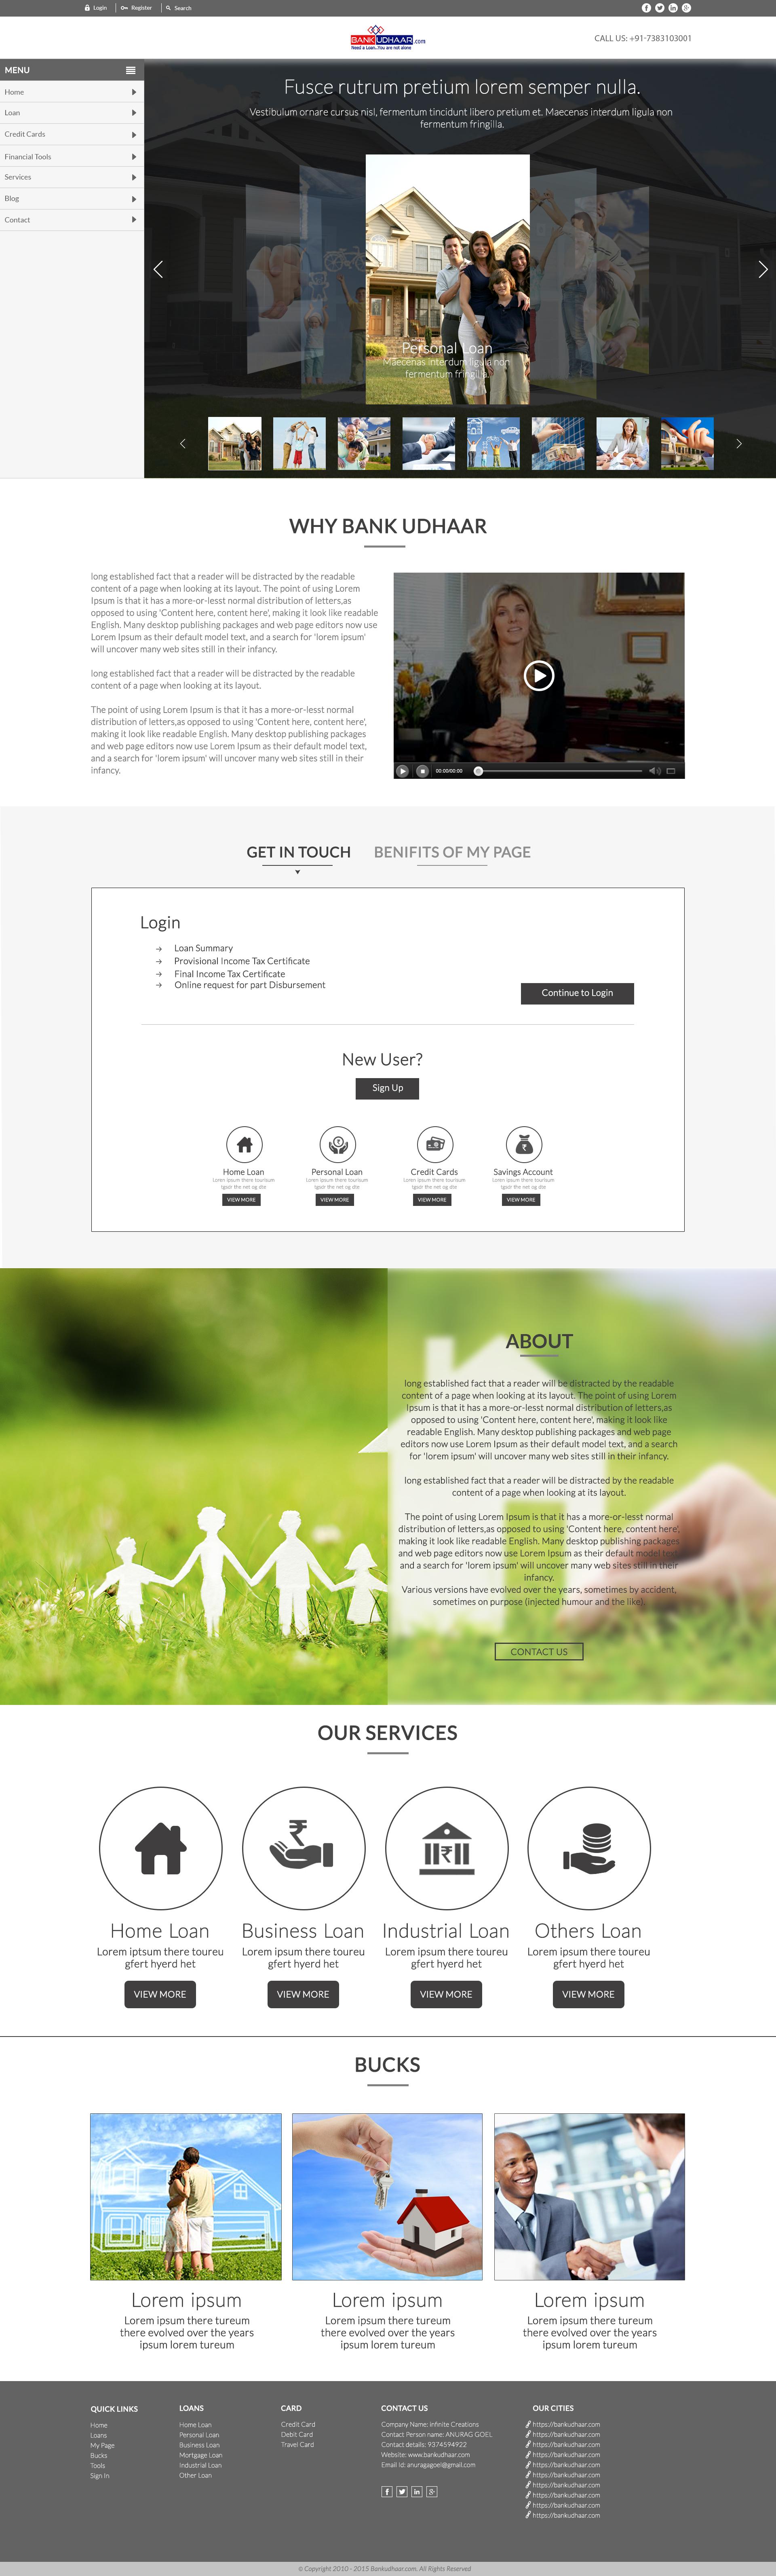 Bank Udhaar Web Design